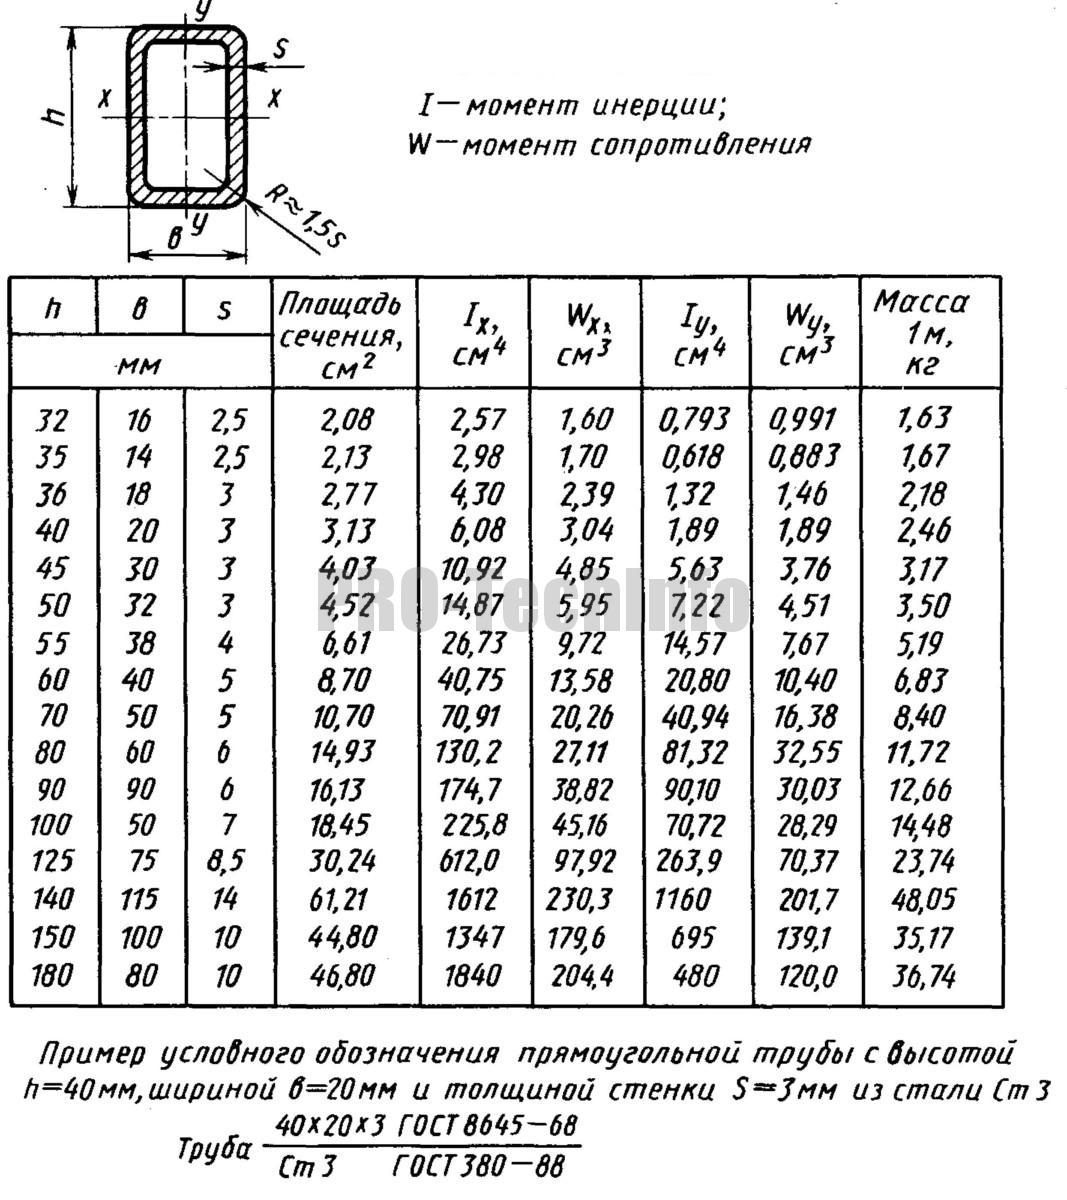 Трубы стальные прямоугольные ГОСТ 8645